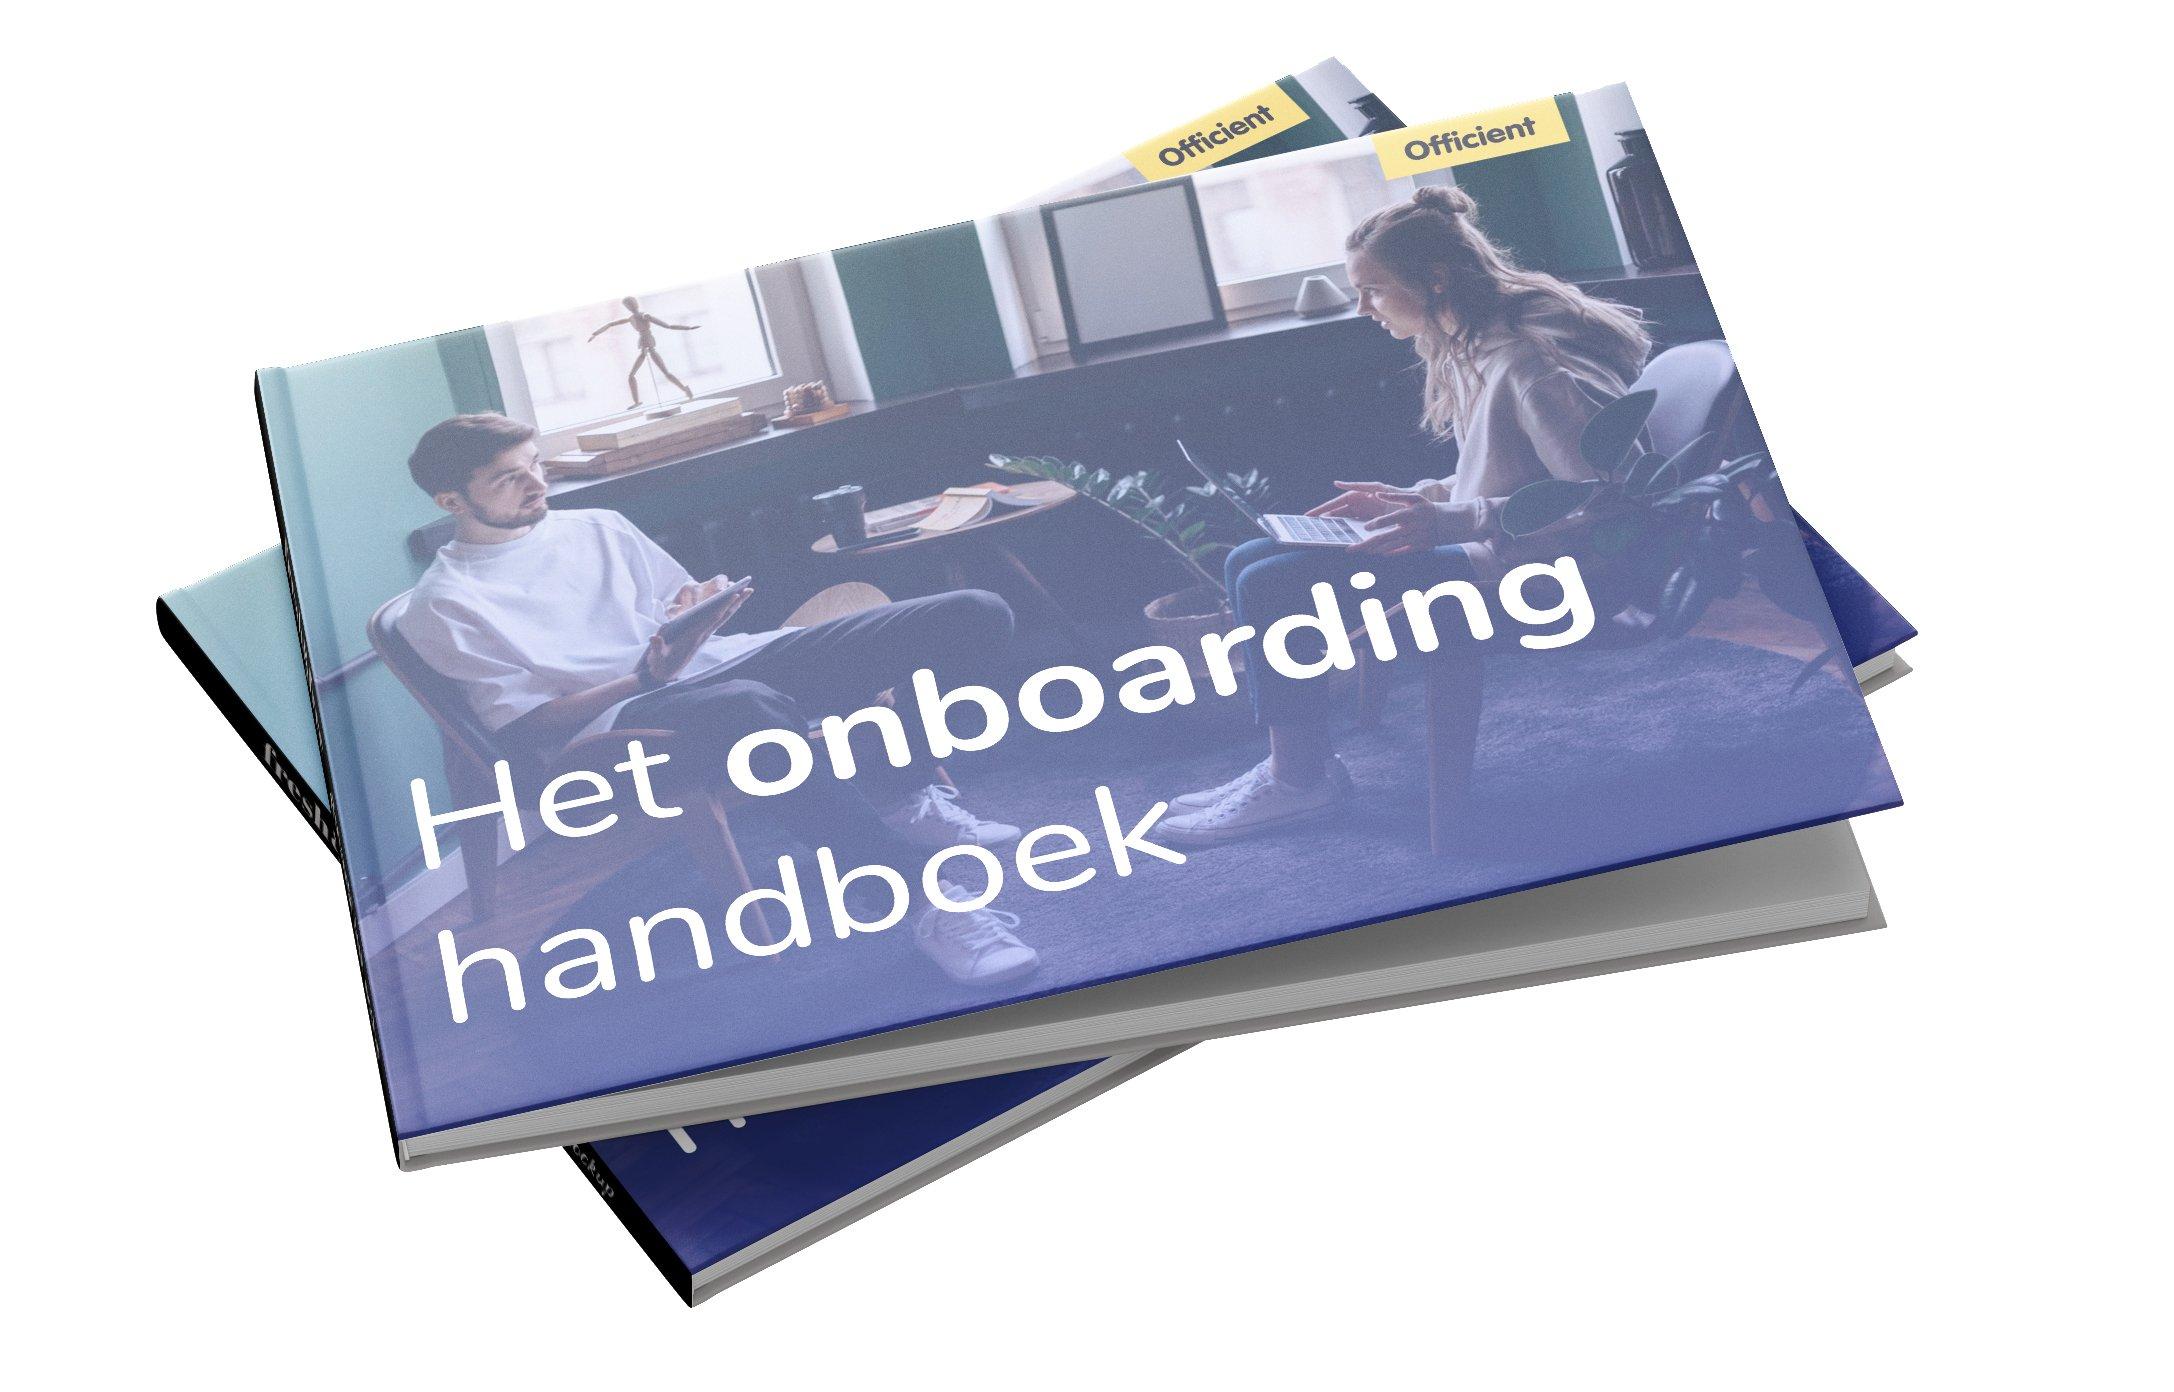 Onboarding handboek